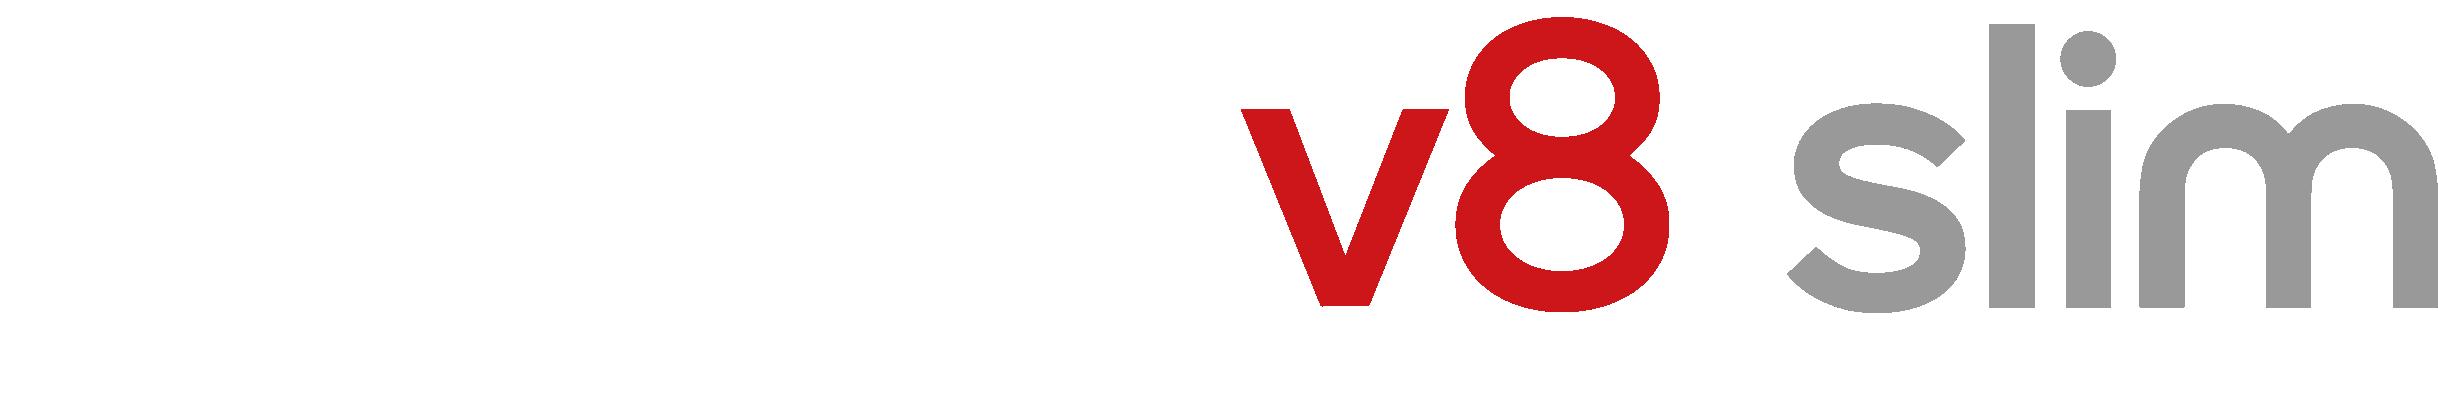 Dyson V8 Slim logo